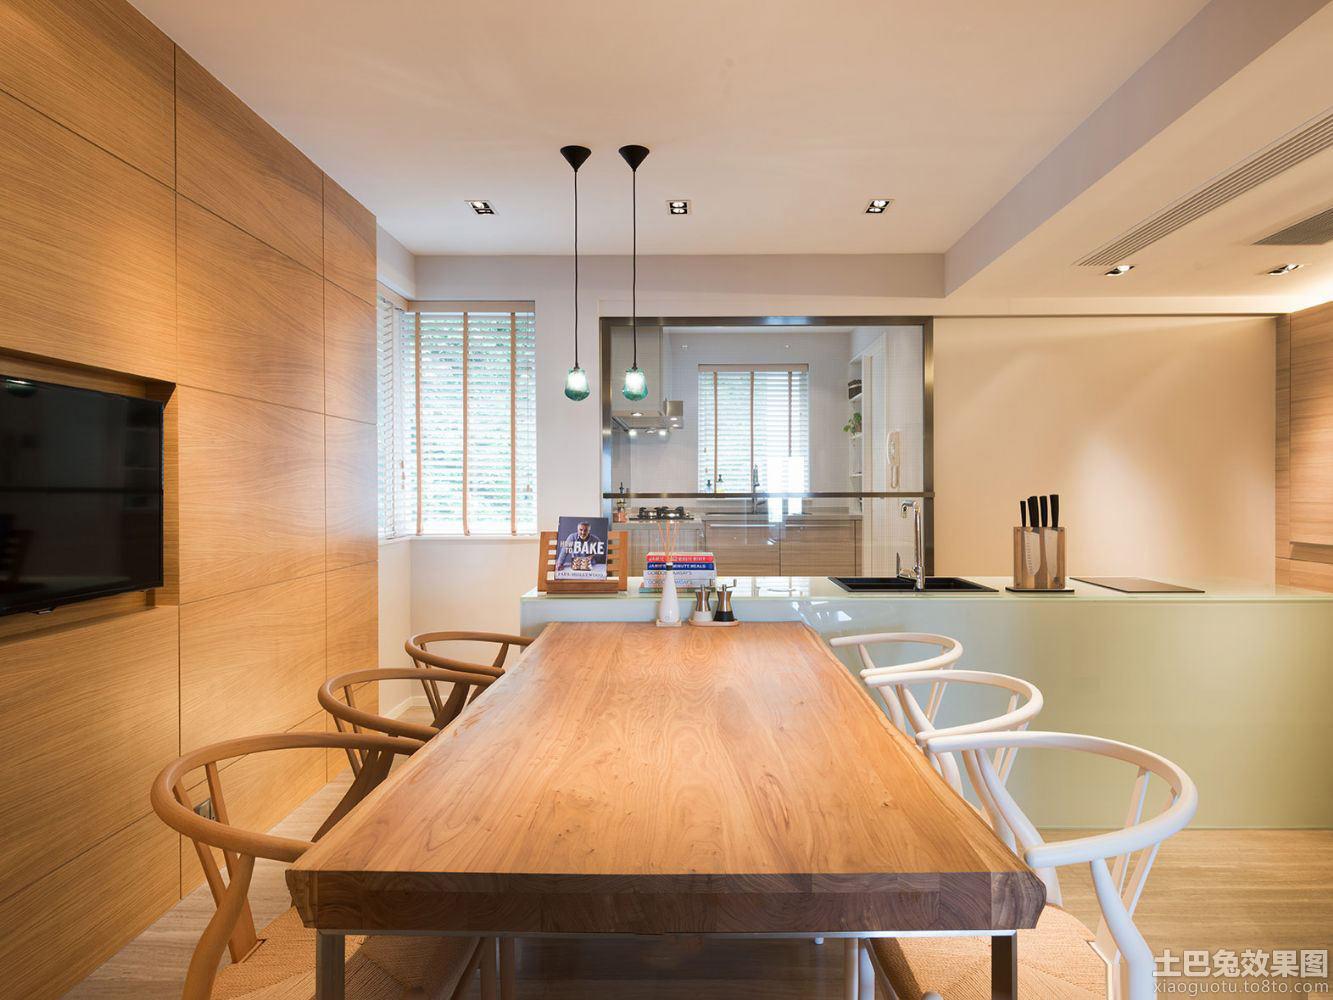 日式风格餐厅石膏板吊顶装修图